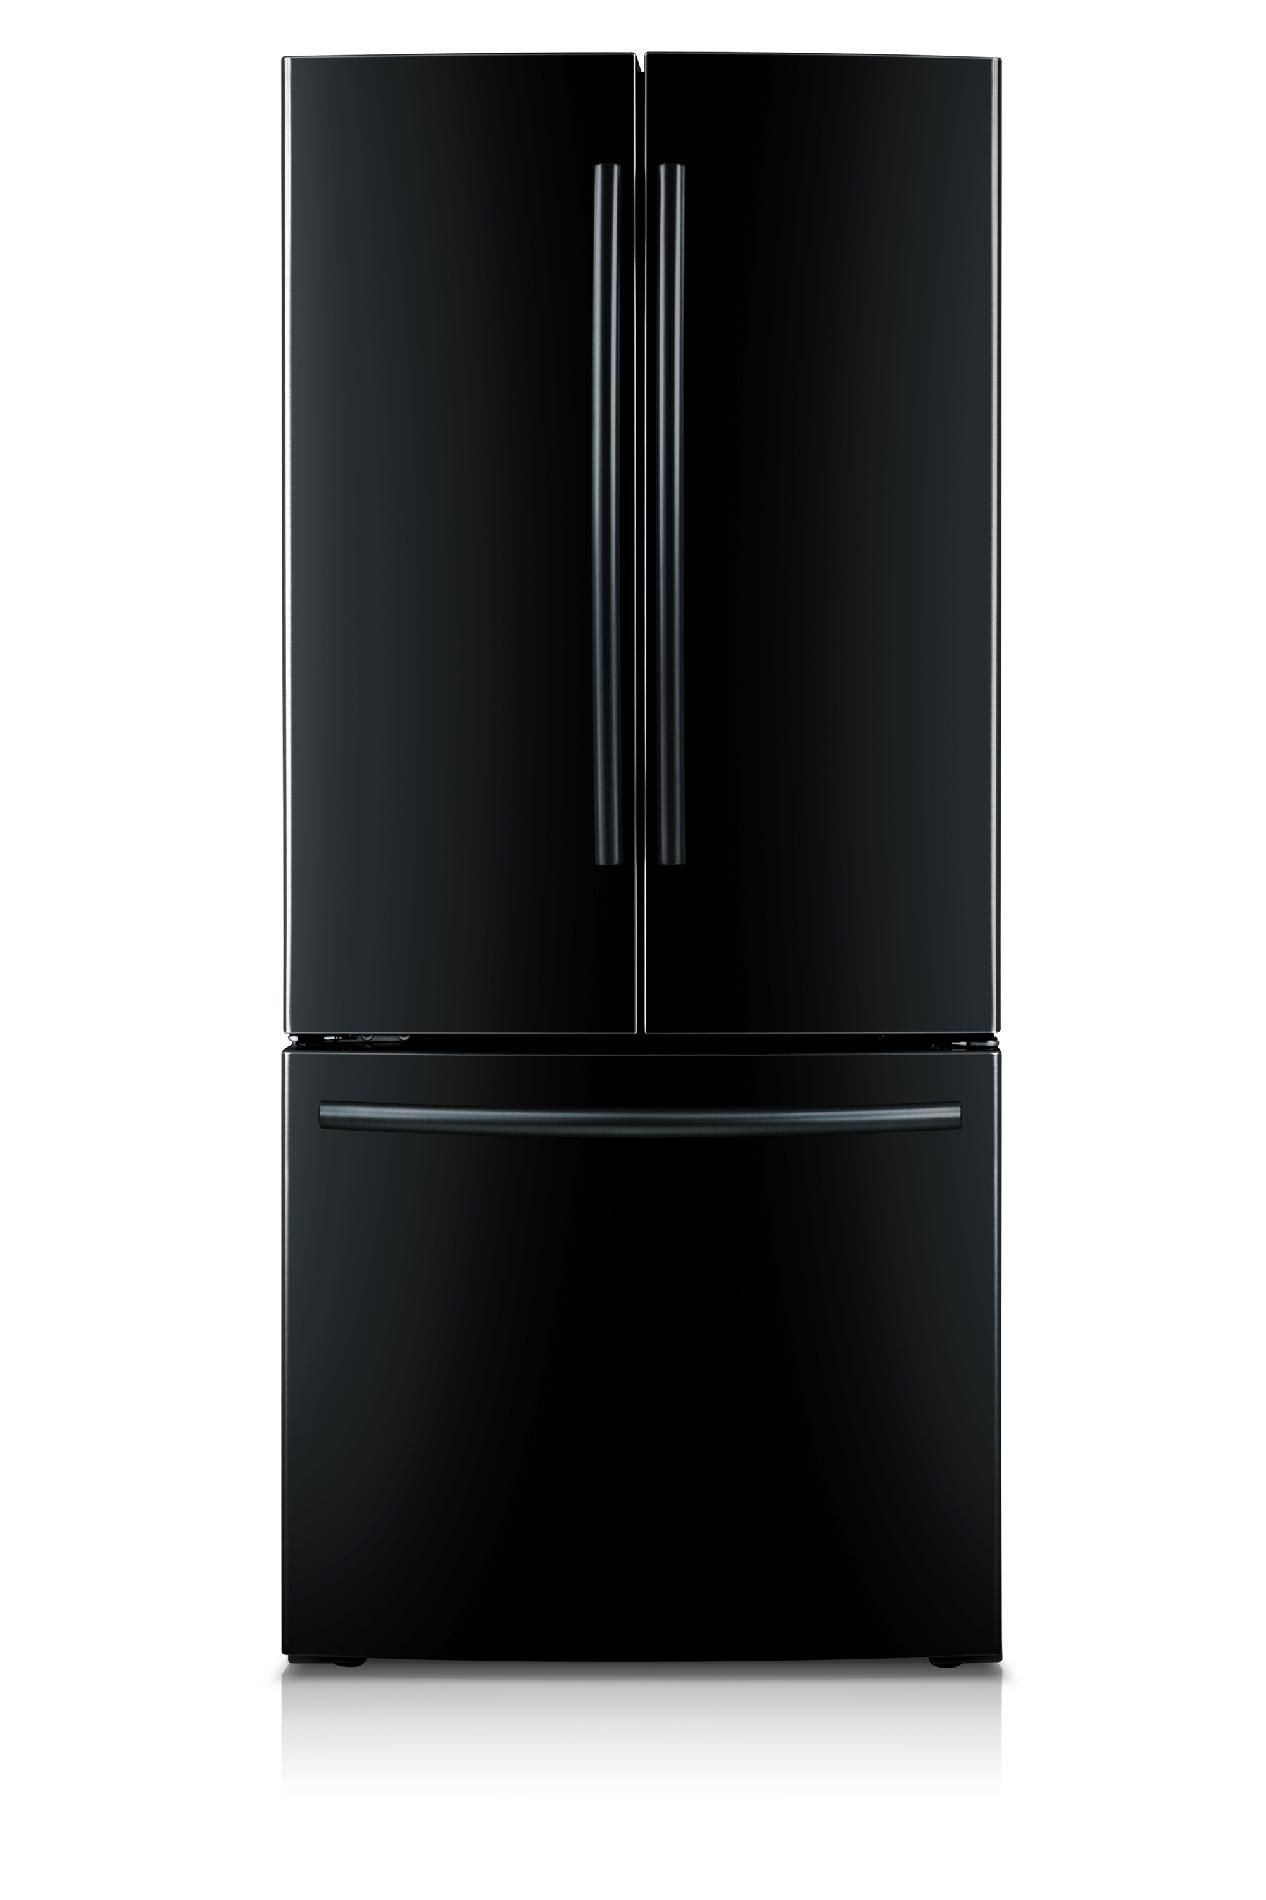 French Door Refrigerators Black Samsung 22 Cu Ft French Door